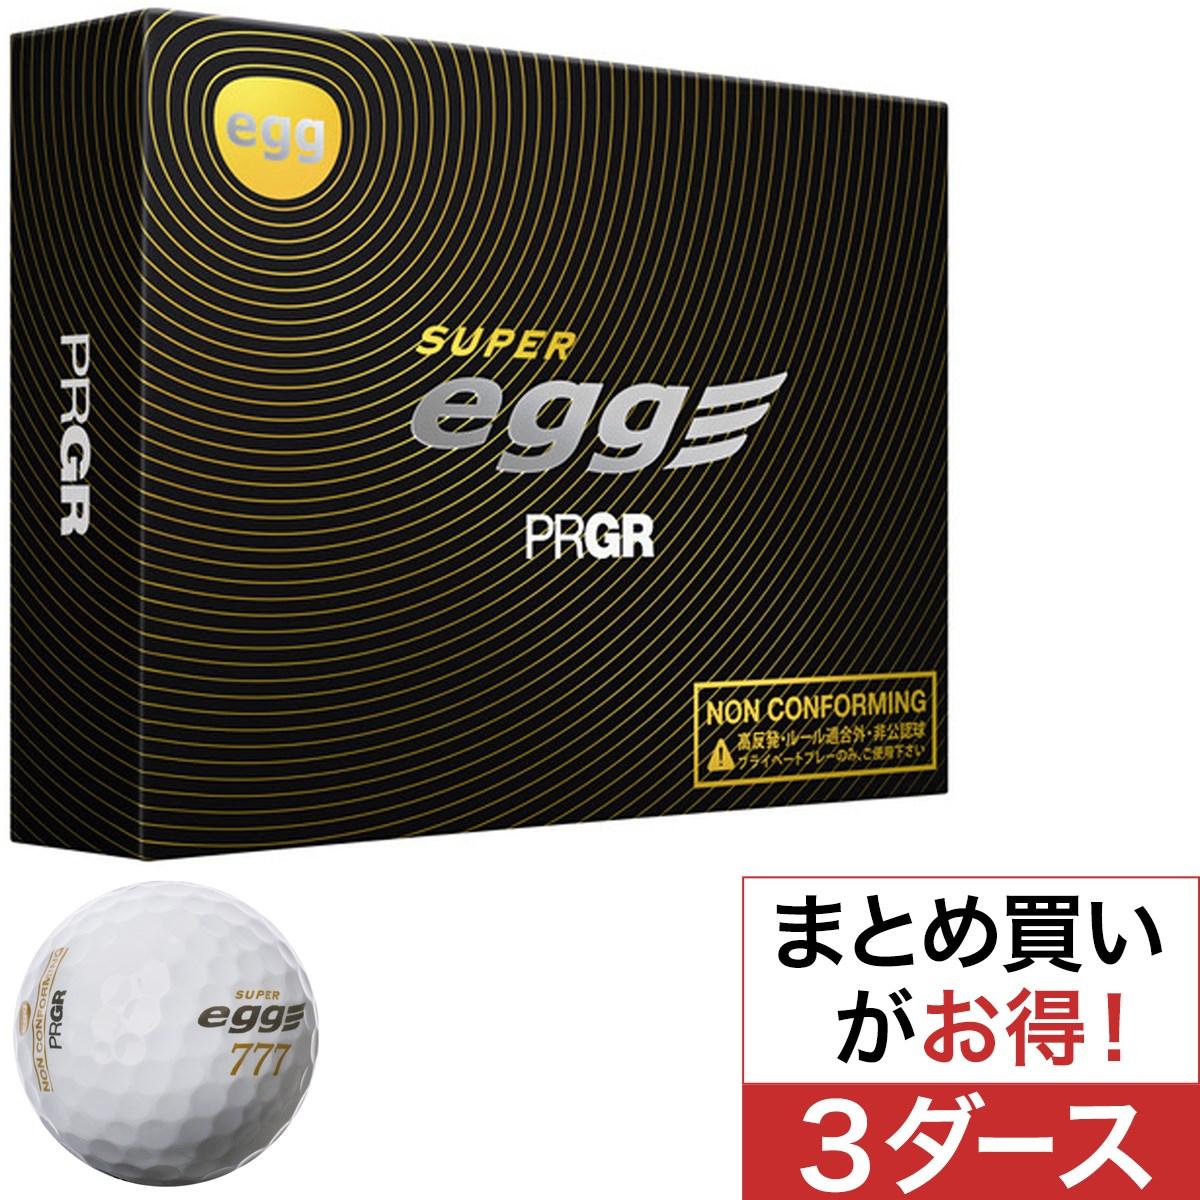 プロギア(PRGR) SUPER egg ボール 3ダースセット【非公認球】